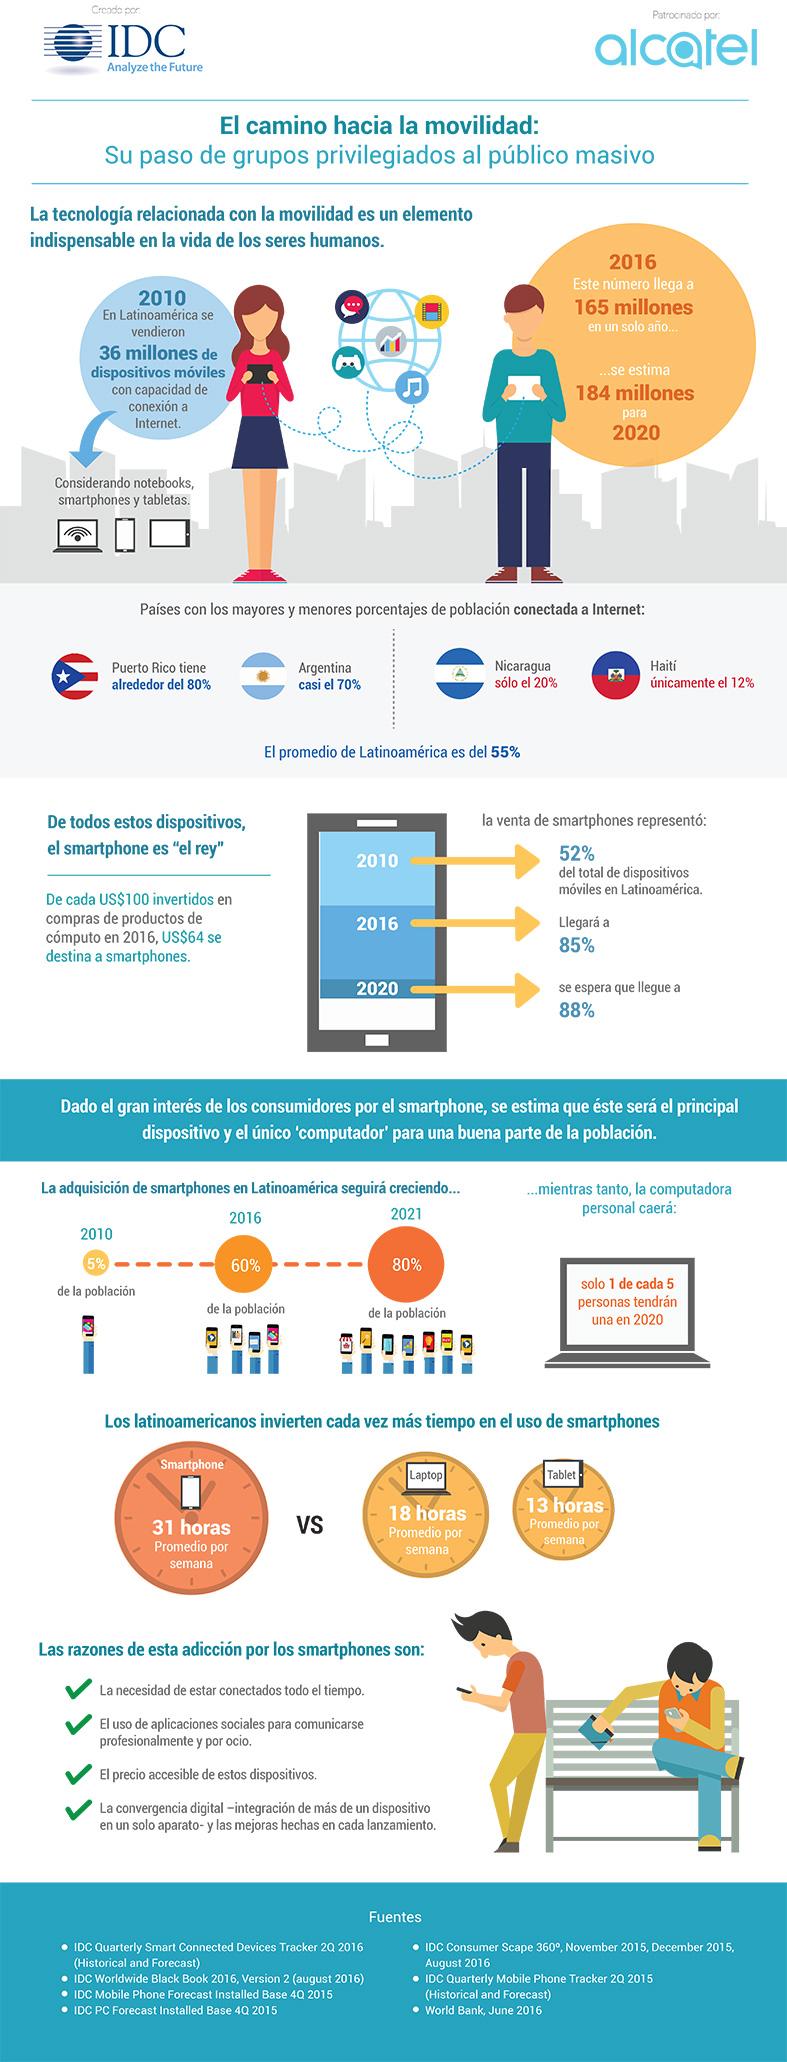 infografia-alcatel-el-camino-hacia-la-movilidad